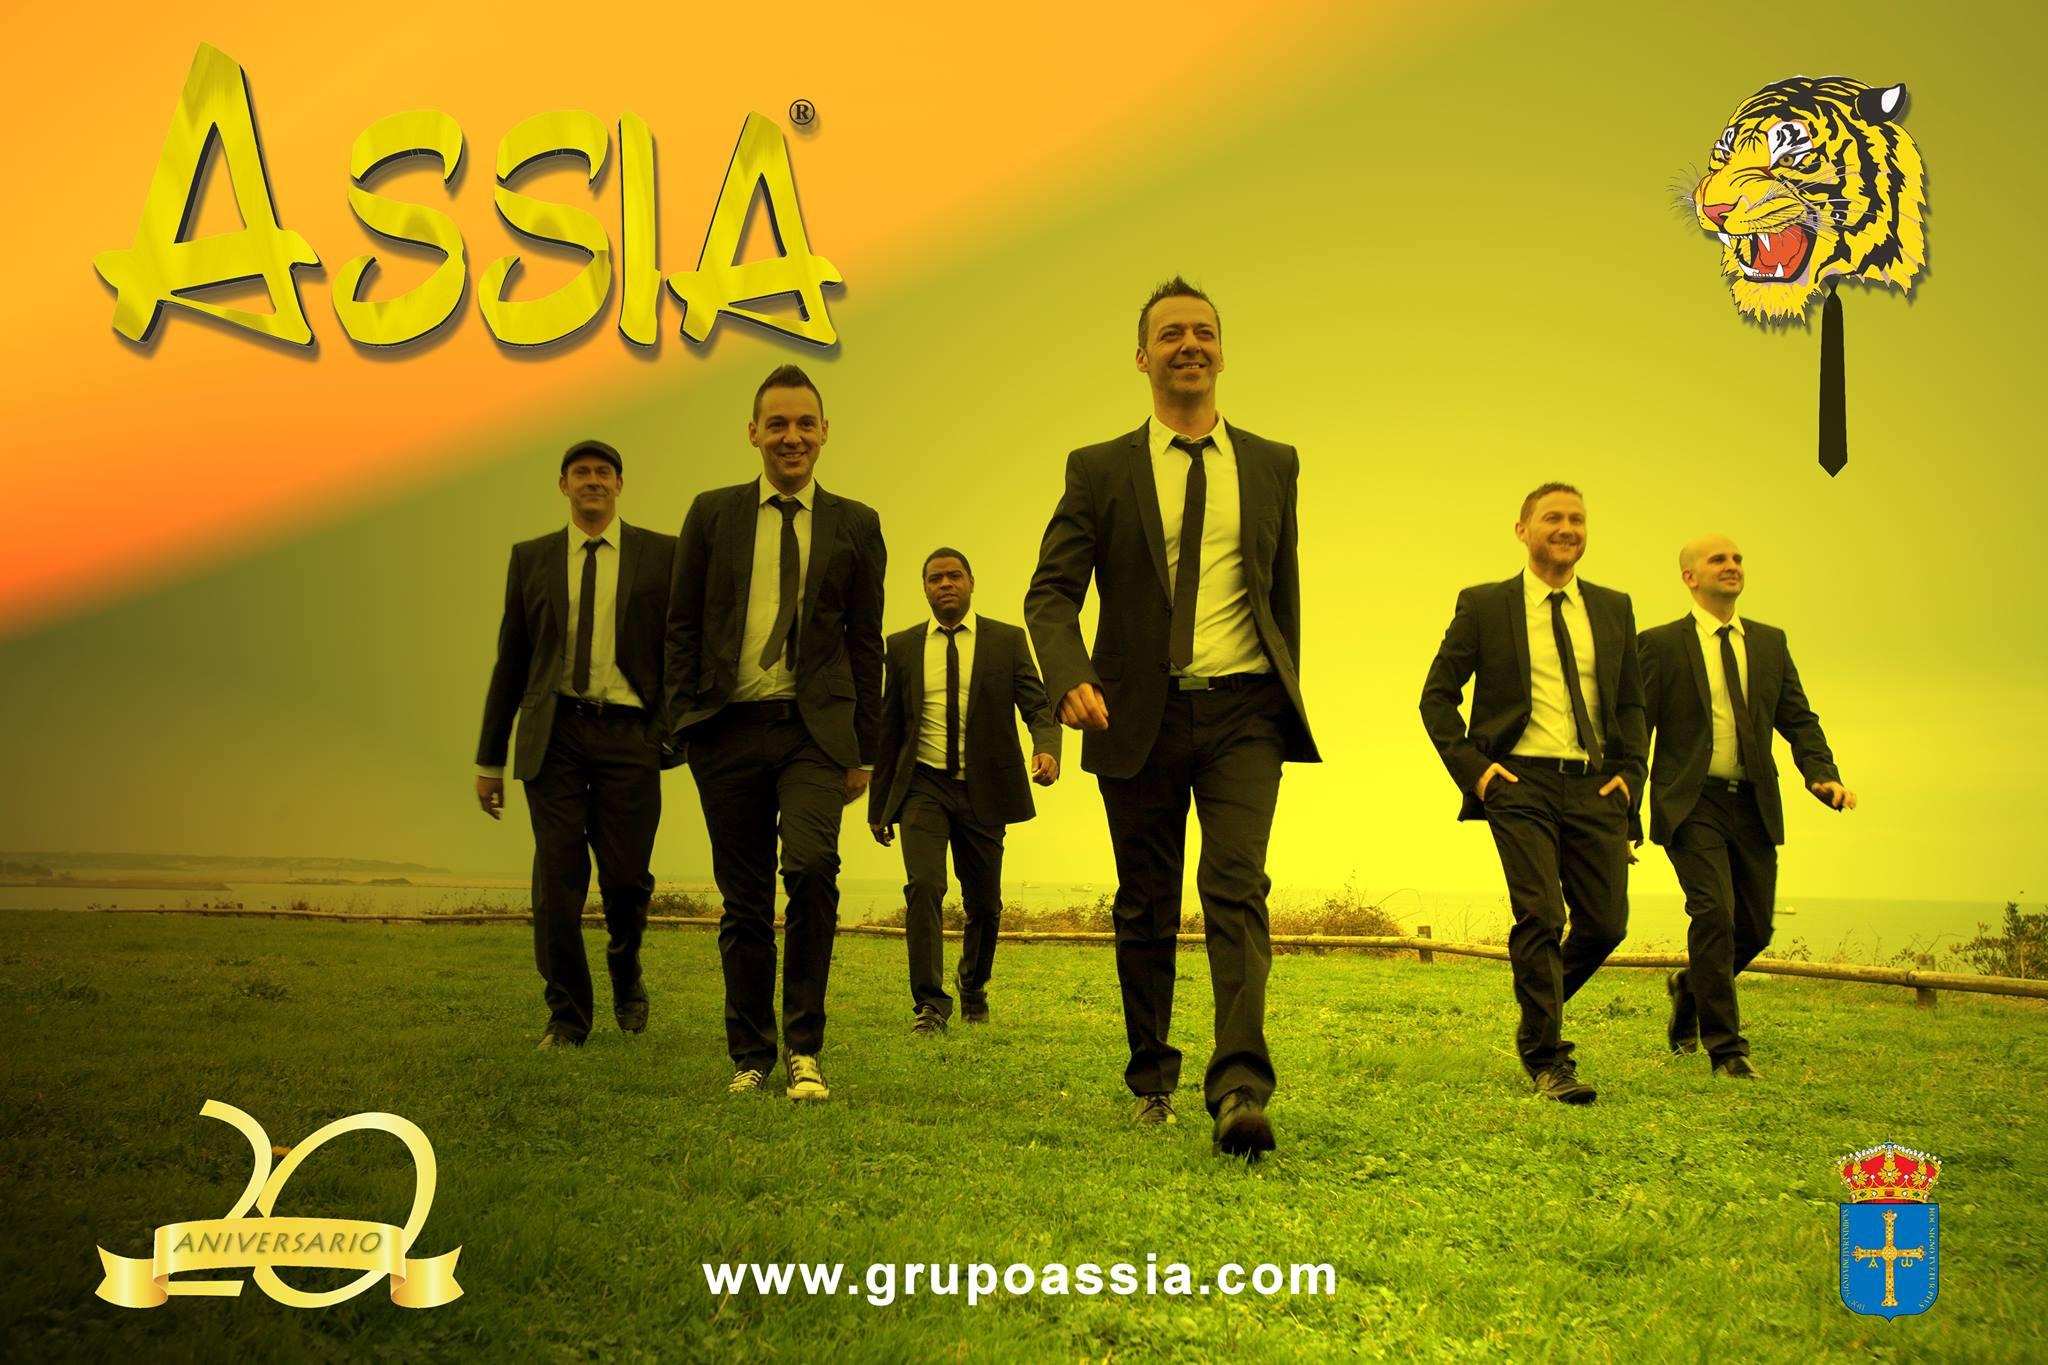 grupos-assia